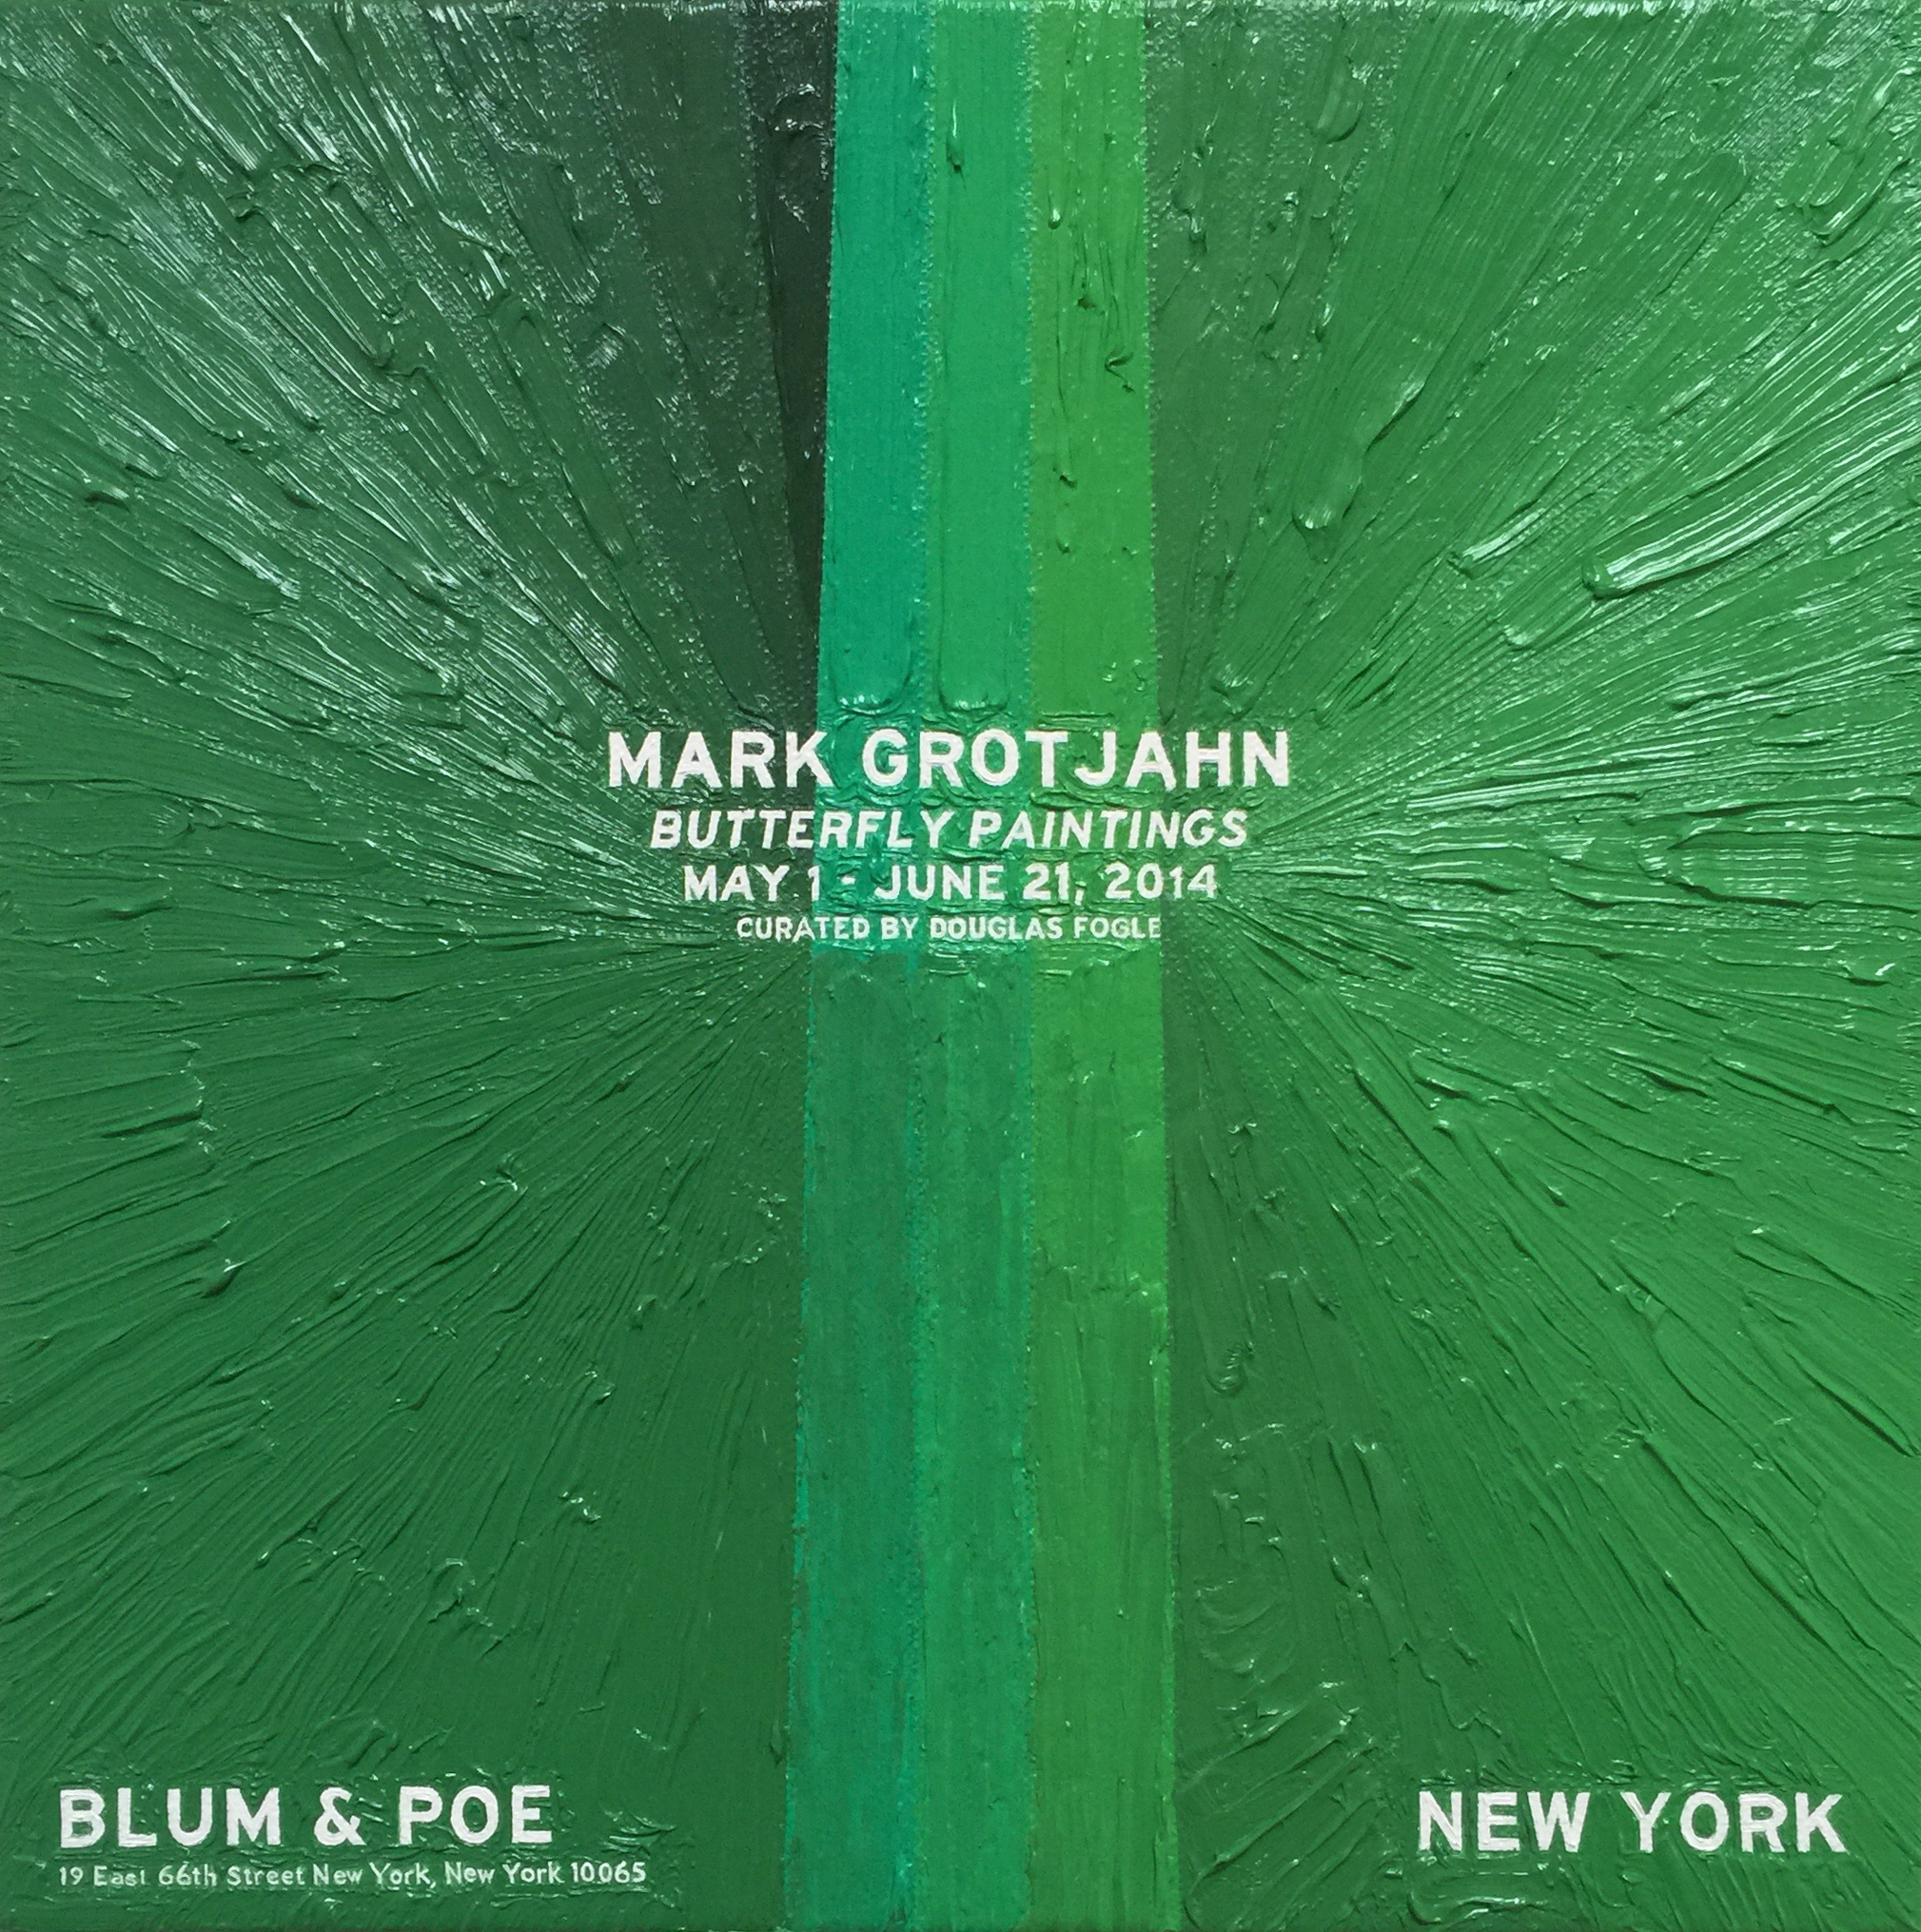 Mark Grotjahn at Blum & Poe